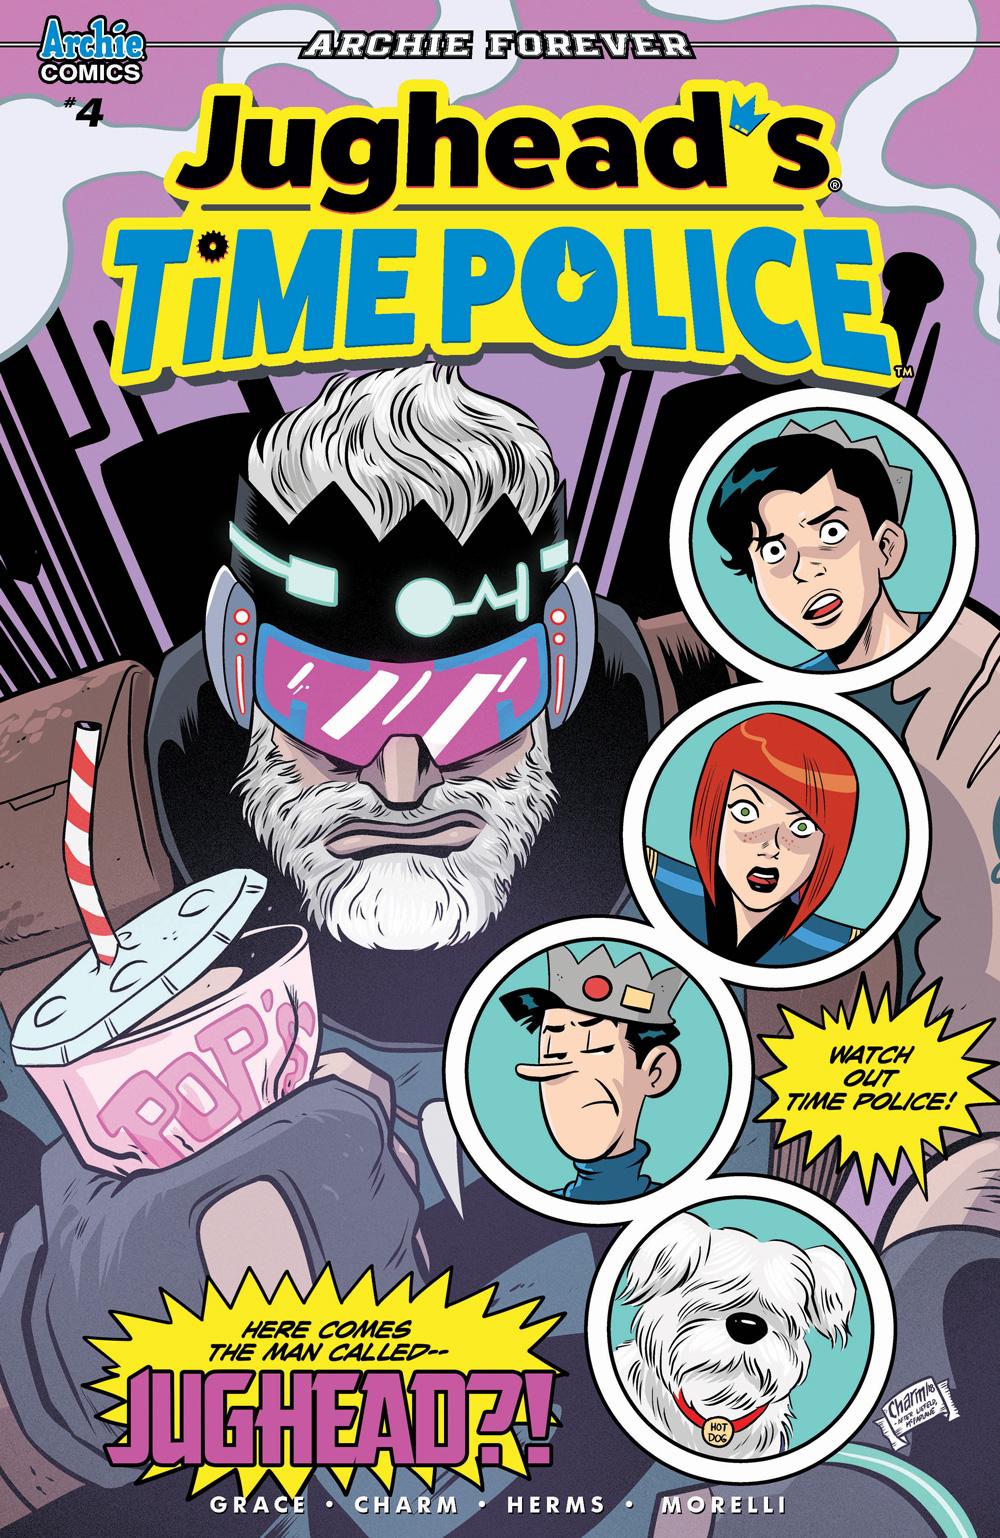 JUGHEAD'S TIME POLICE #4: CVR A Charm